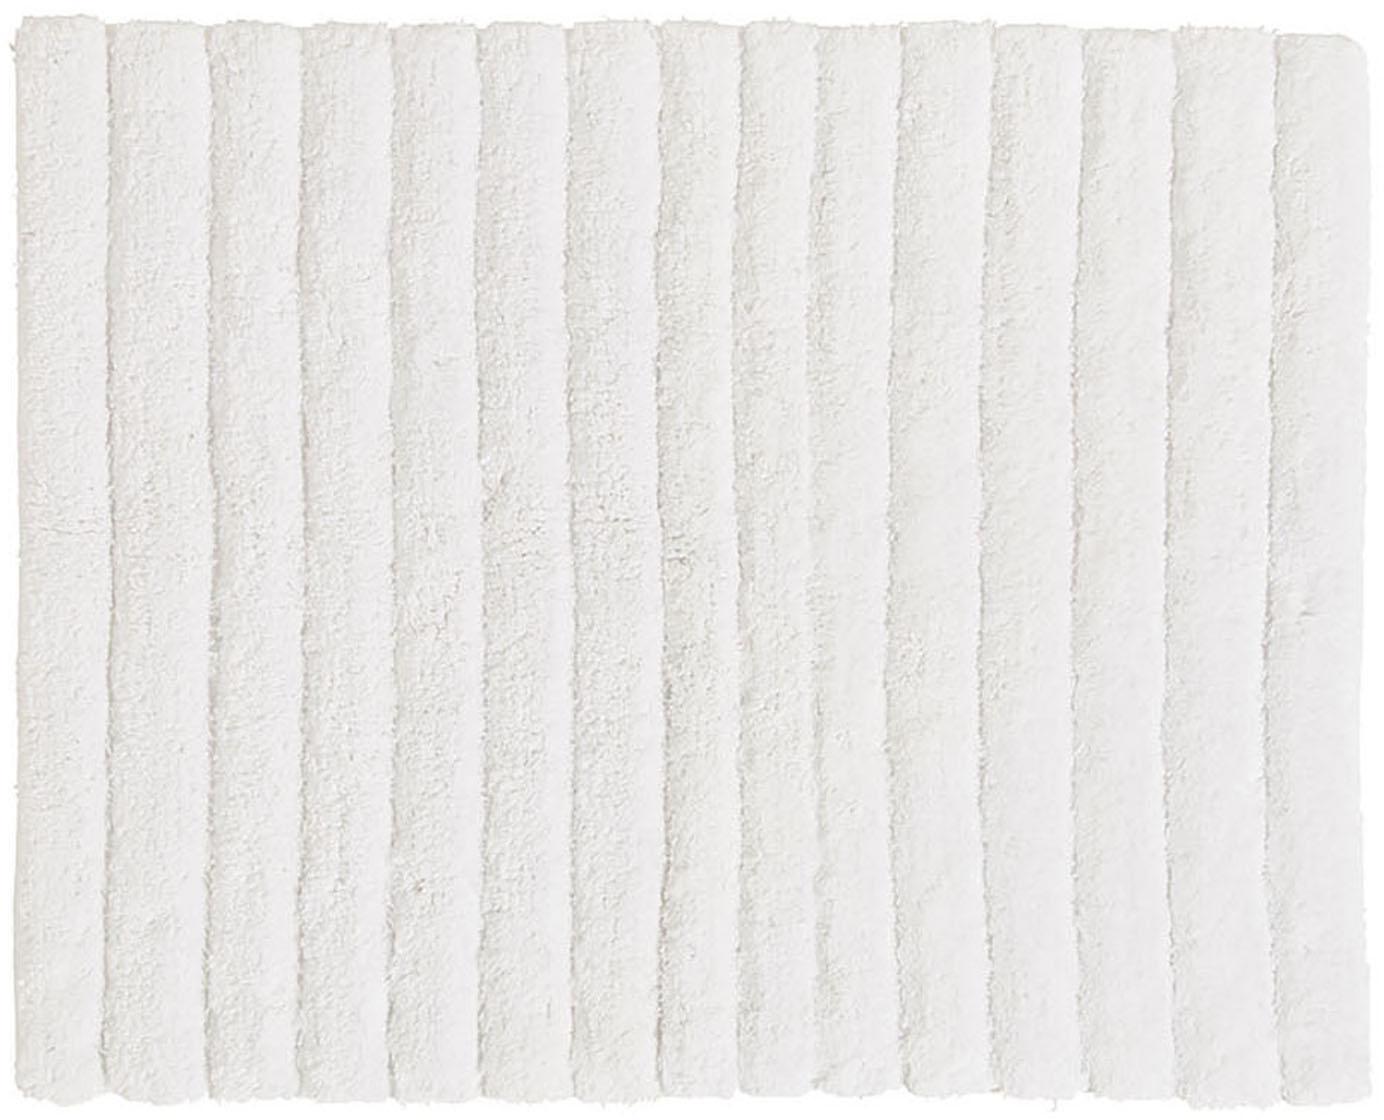 Flauschiger Badvorleger Board, 100% Baumwolle, schwere Qualität, 1900 g/m², Weiß, 50 x 60 cm